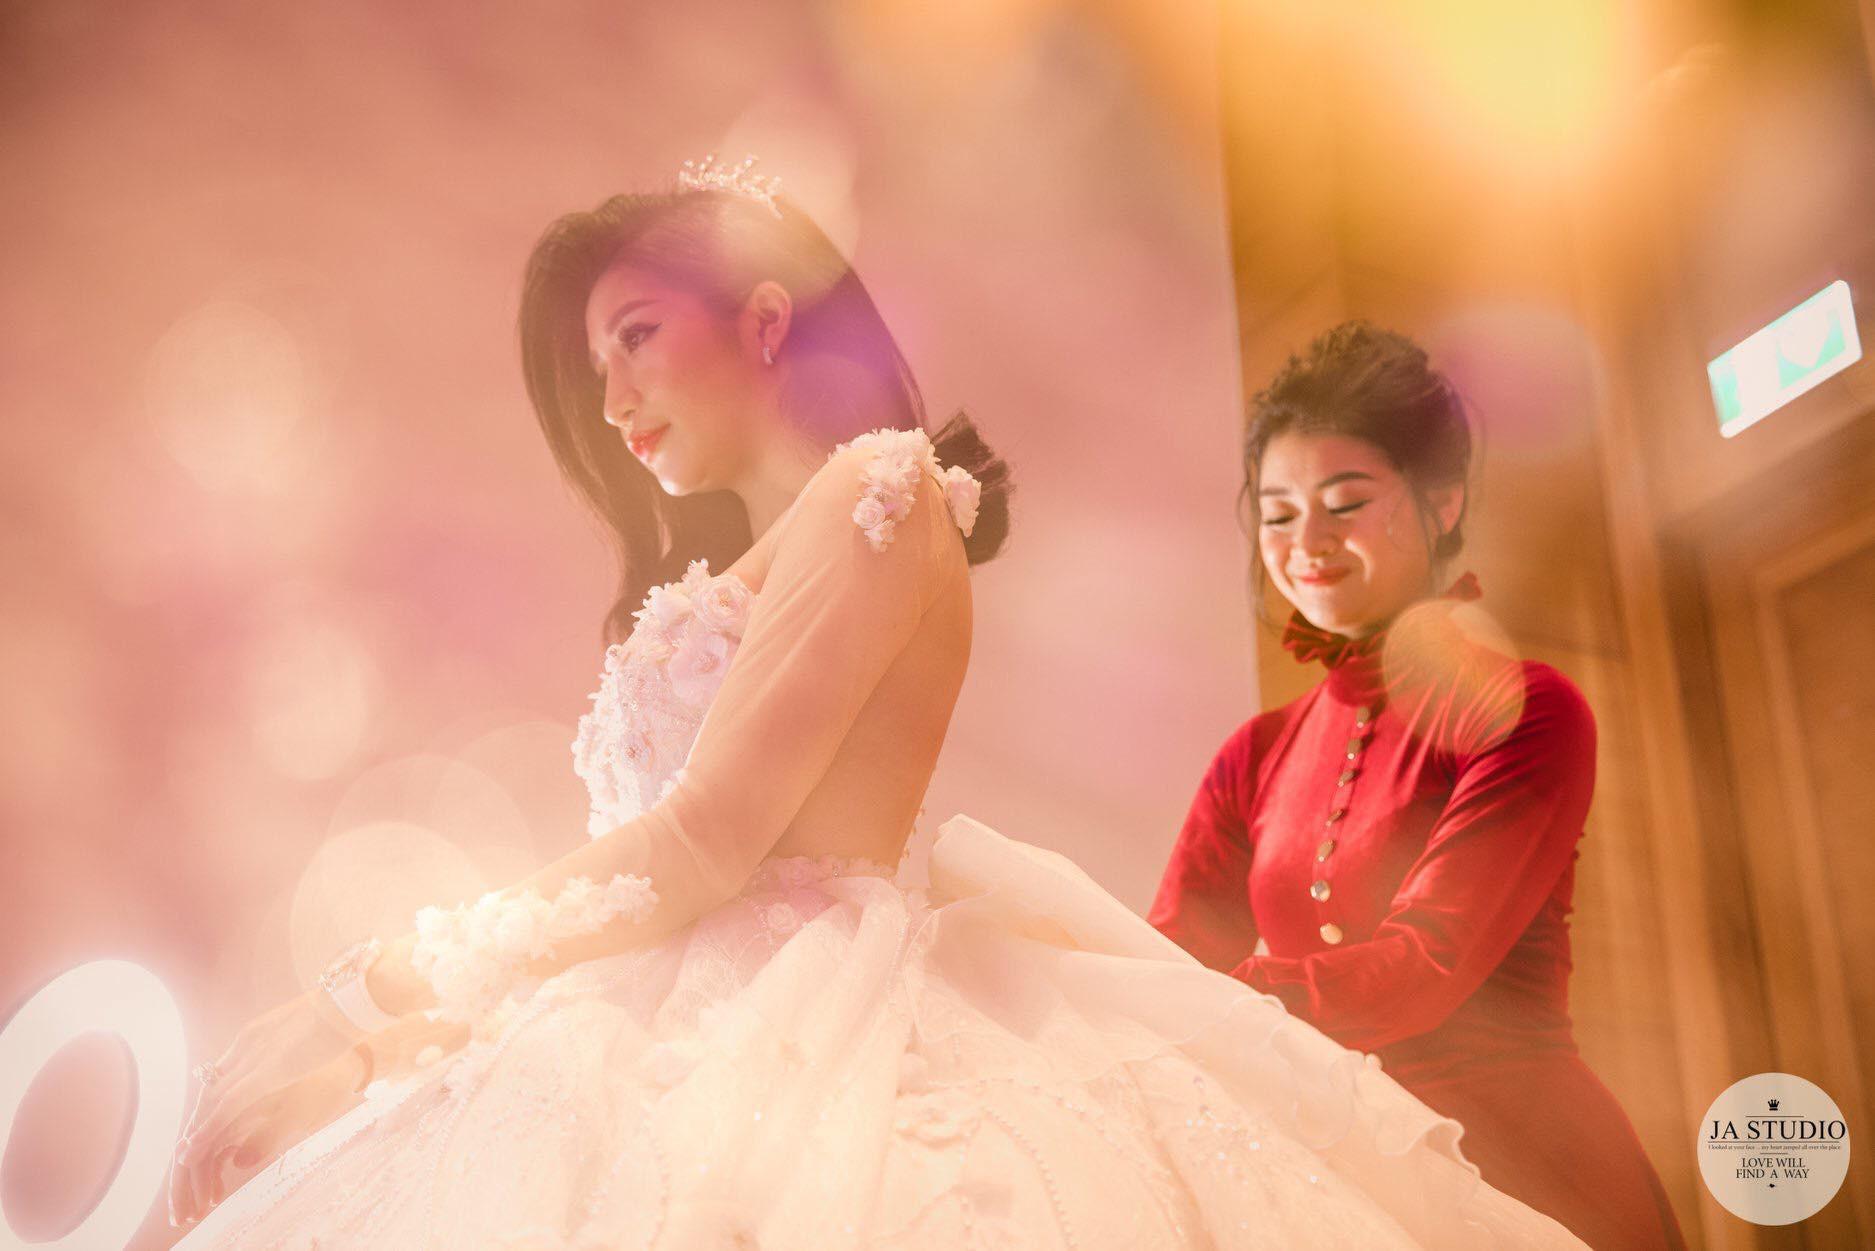 Chùm ảnh: Vân Navy hạnh phúc rưng rưng trong đám cưới với bạn trai doanh nhân - Ảnh 2.